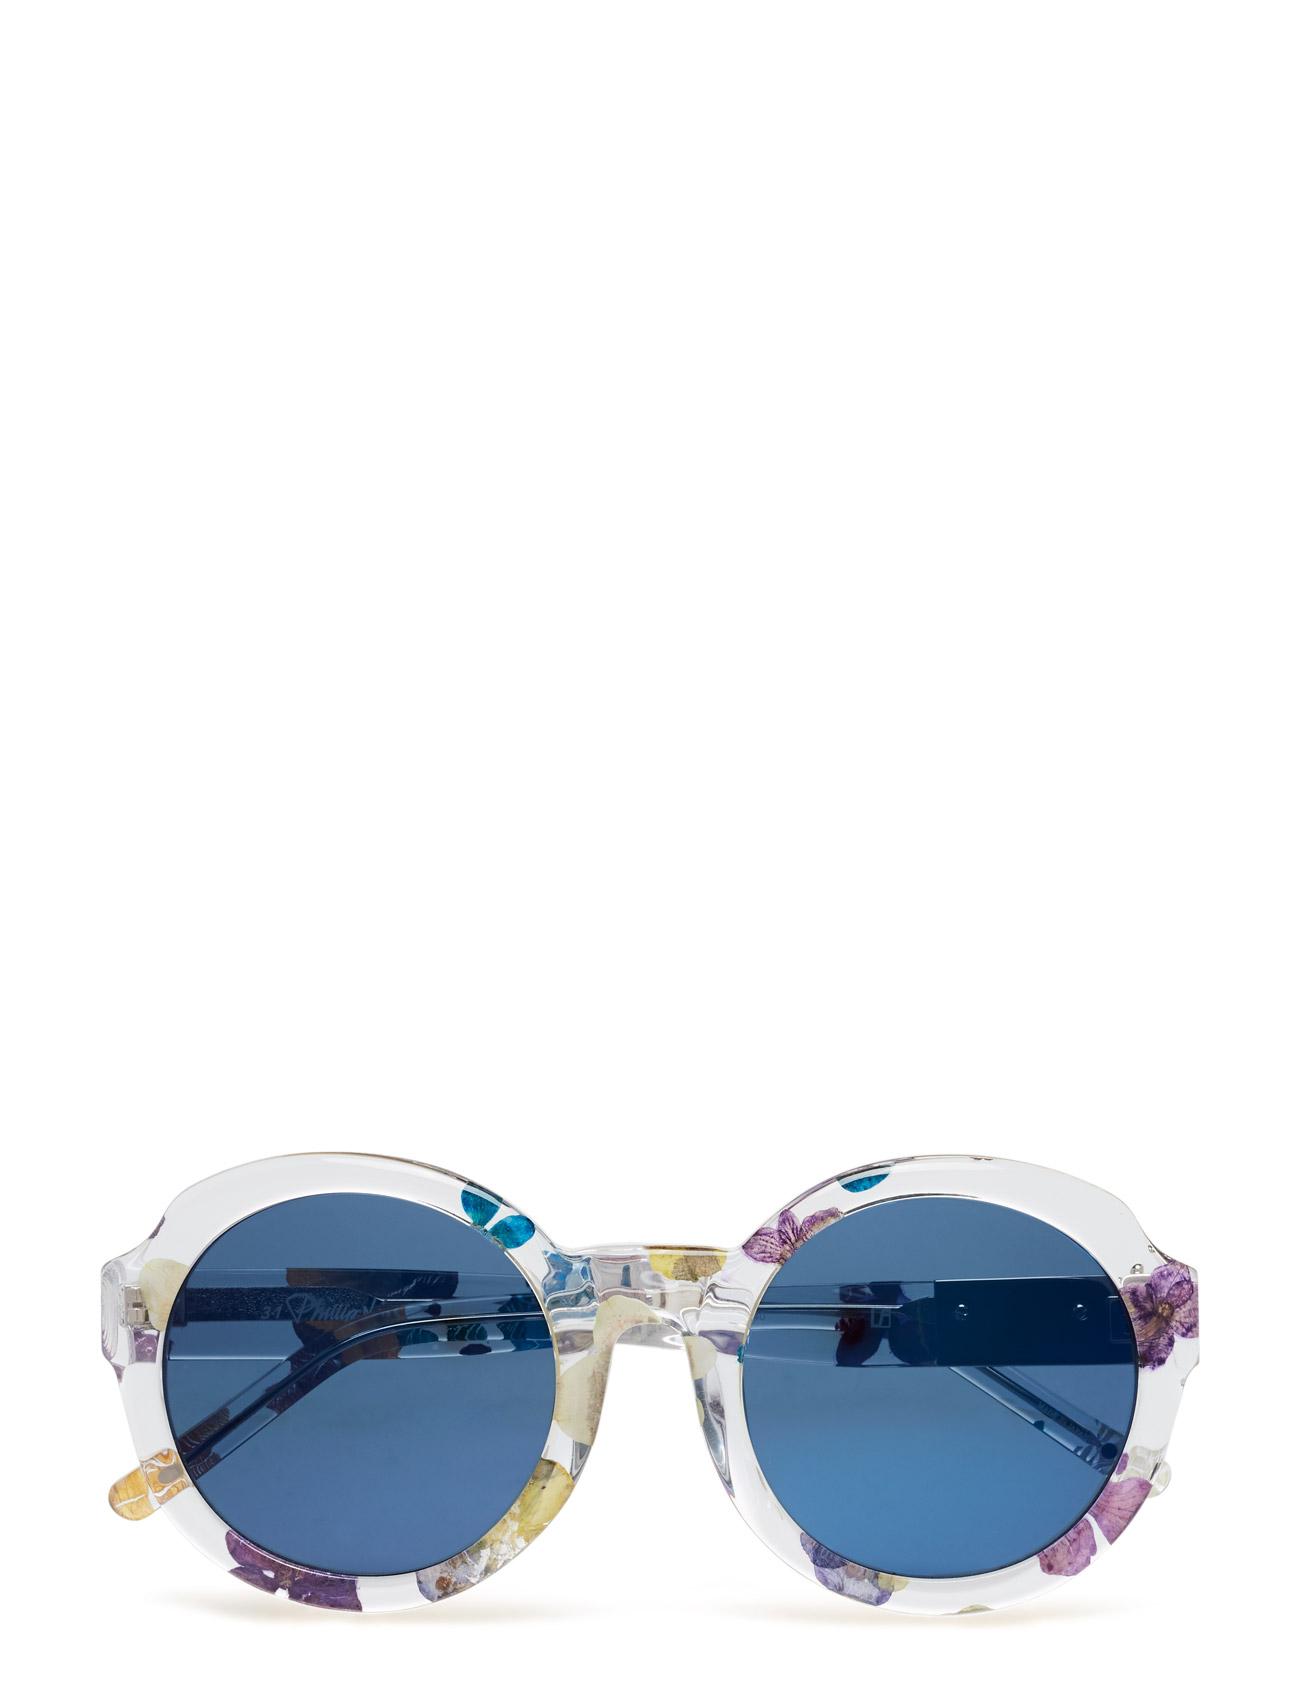 3.1 phillip lim sunglasses – Phillip lim 141 c4 fra boozt.com dk